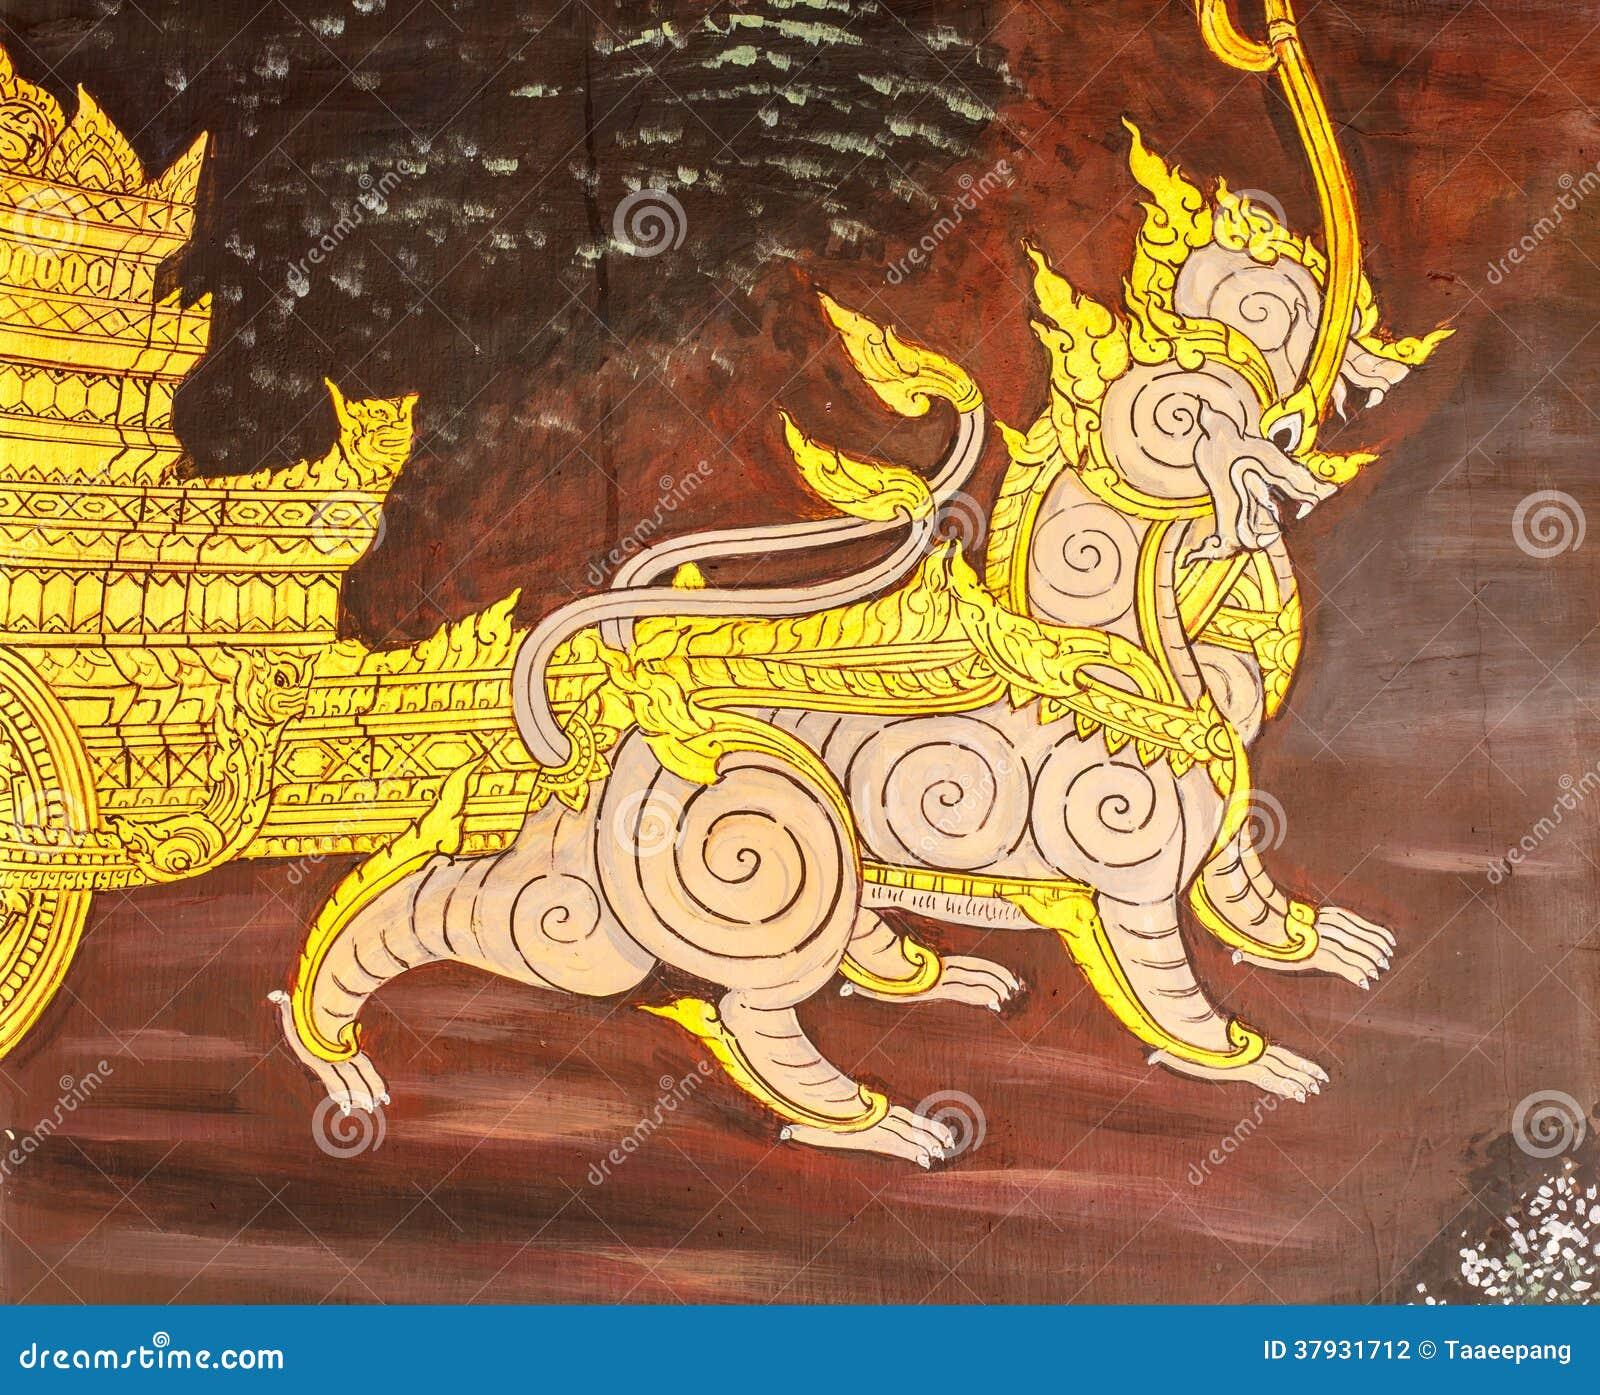 Тайское искусство картины стиля